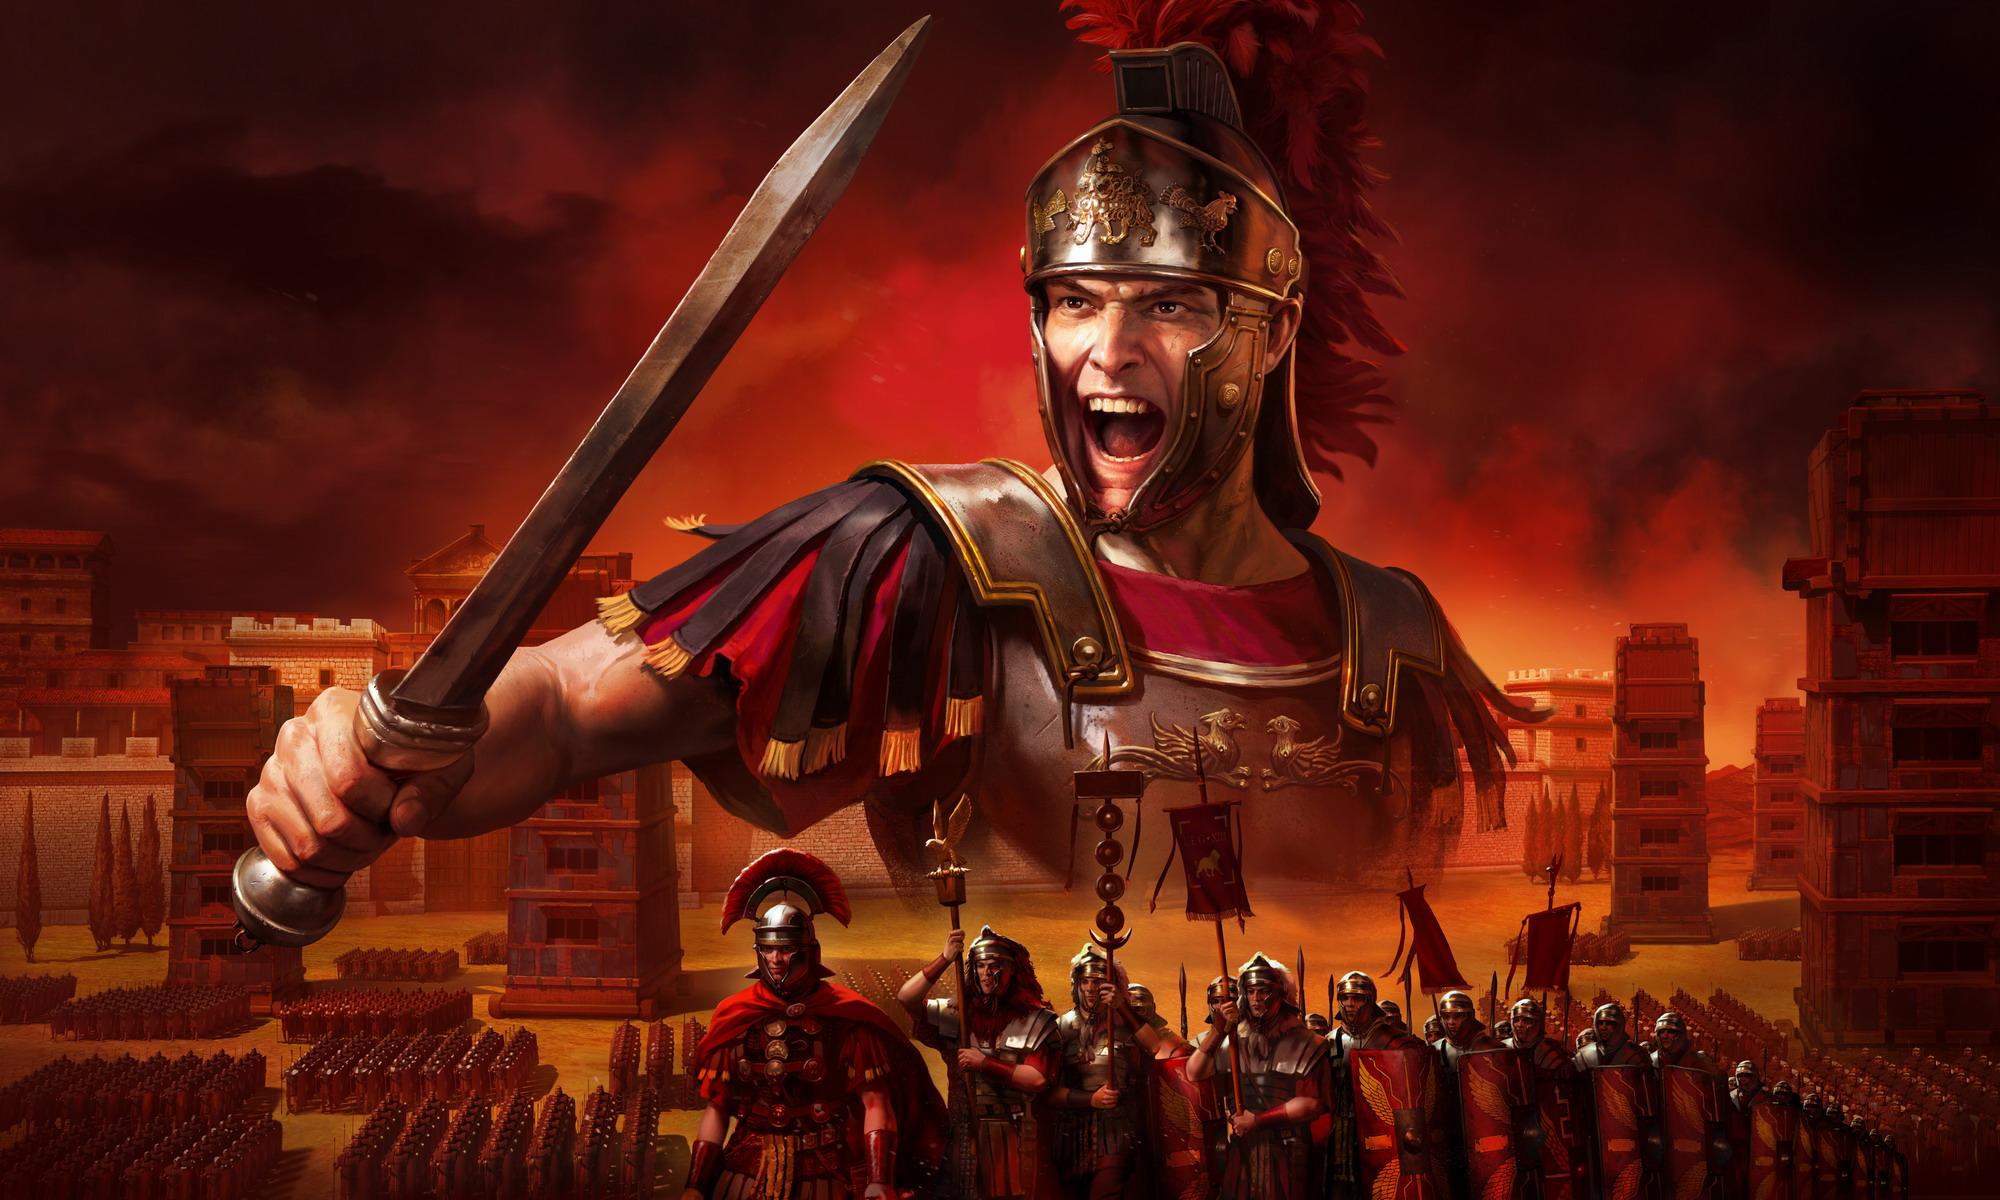 《全面战争:罗马》高清版4月29日发售 增加新可用阵营